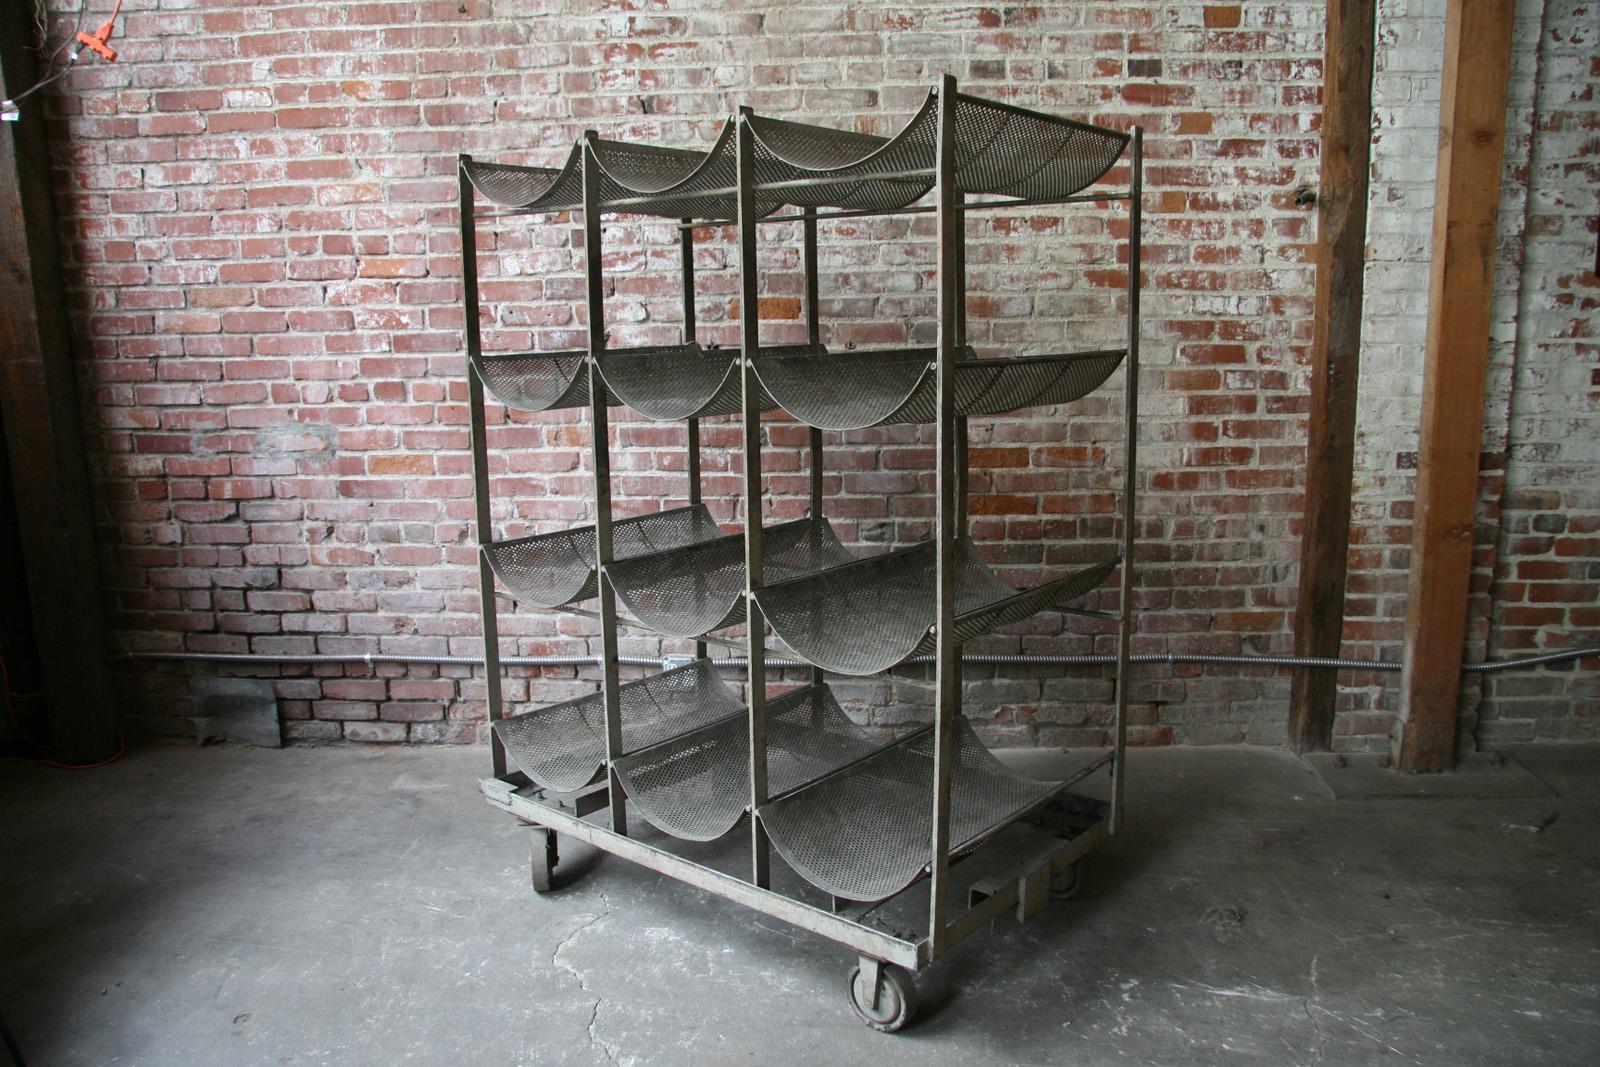 cleveland art industrial design storage